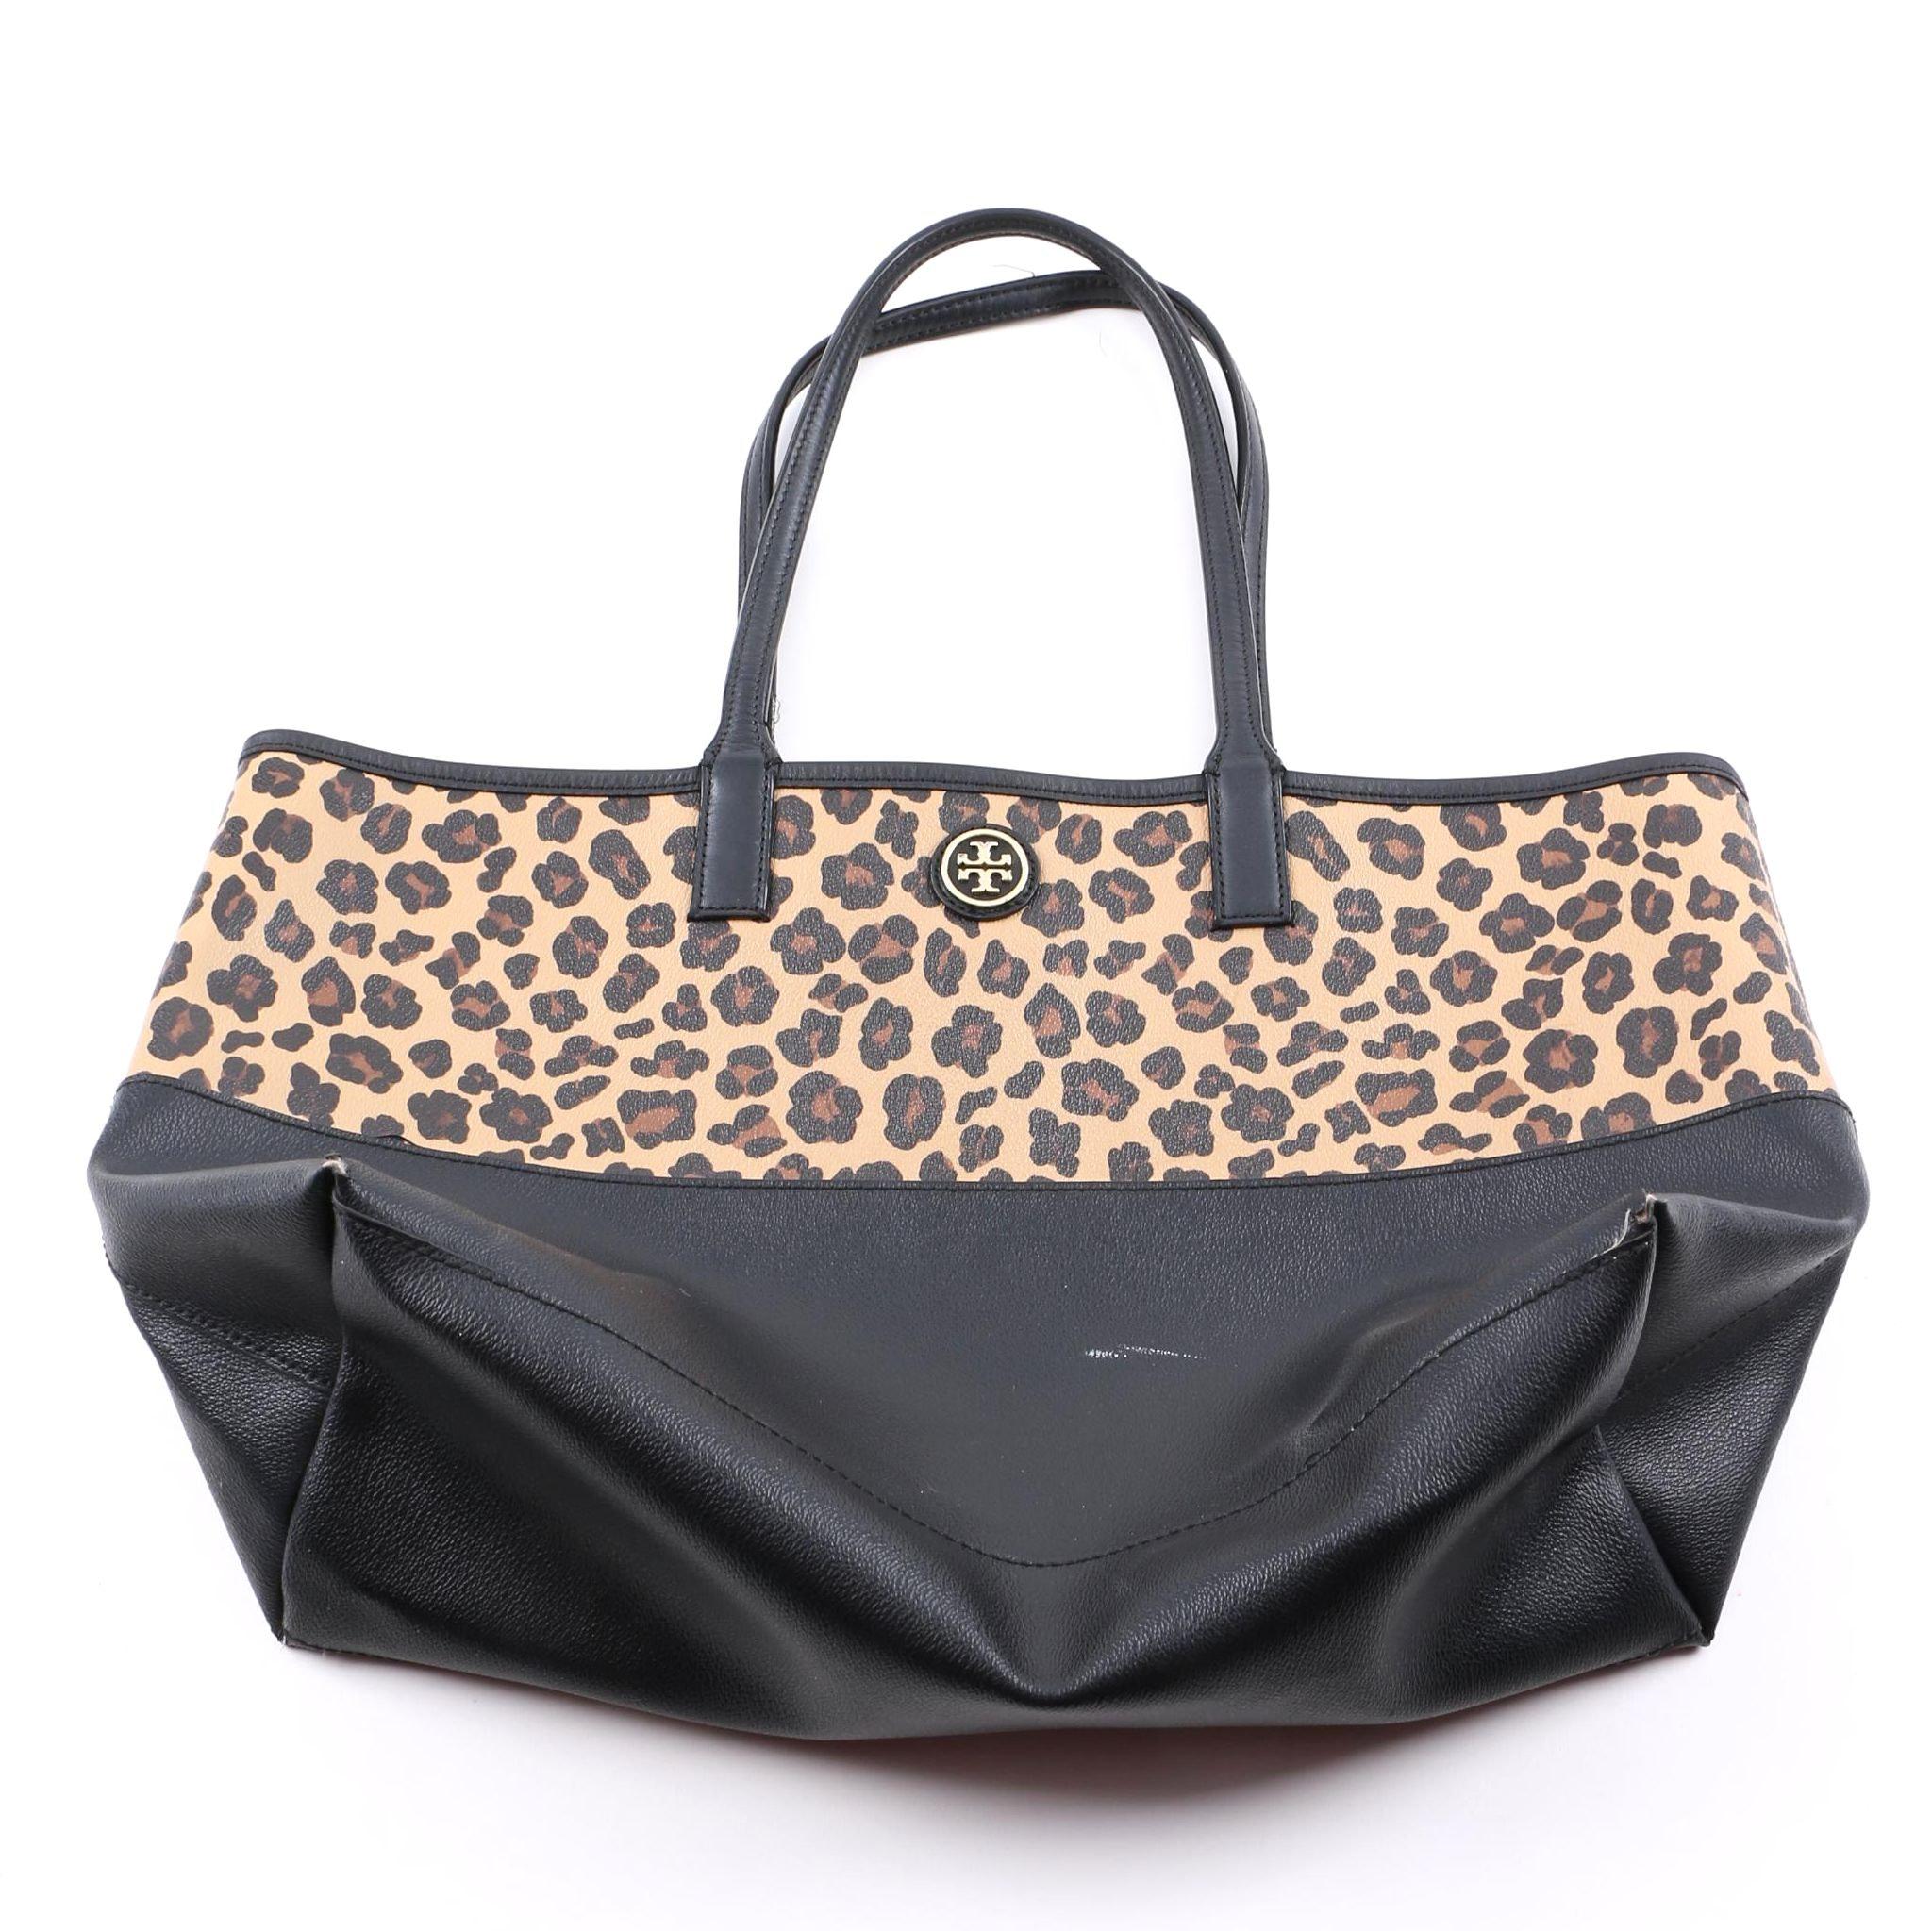 Tory Burch Leopard Print Tote Bag